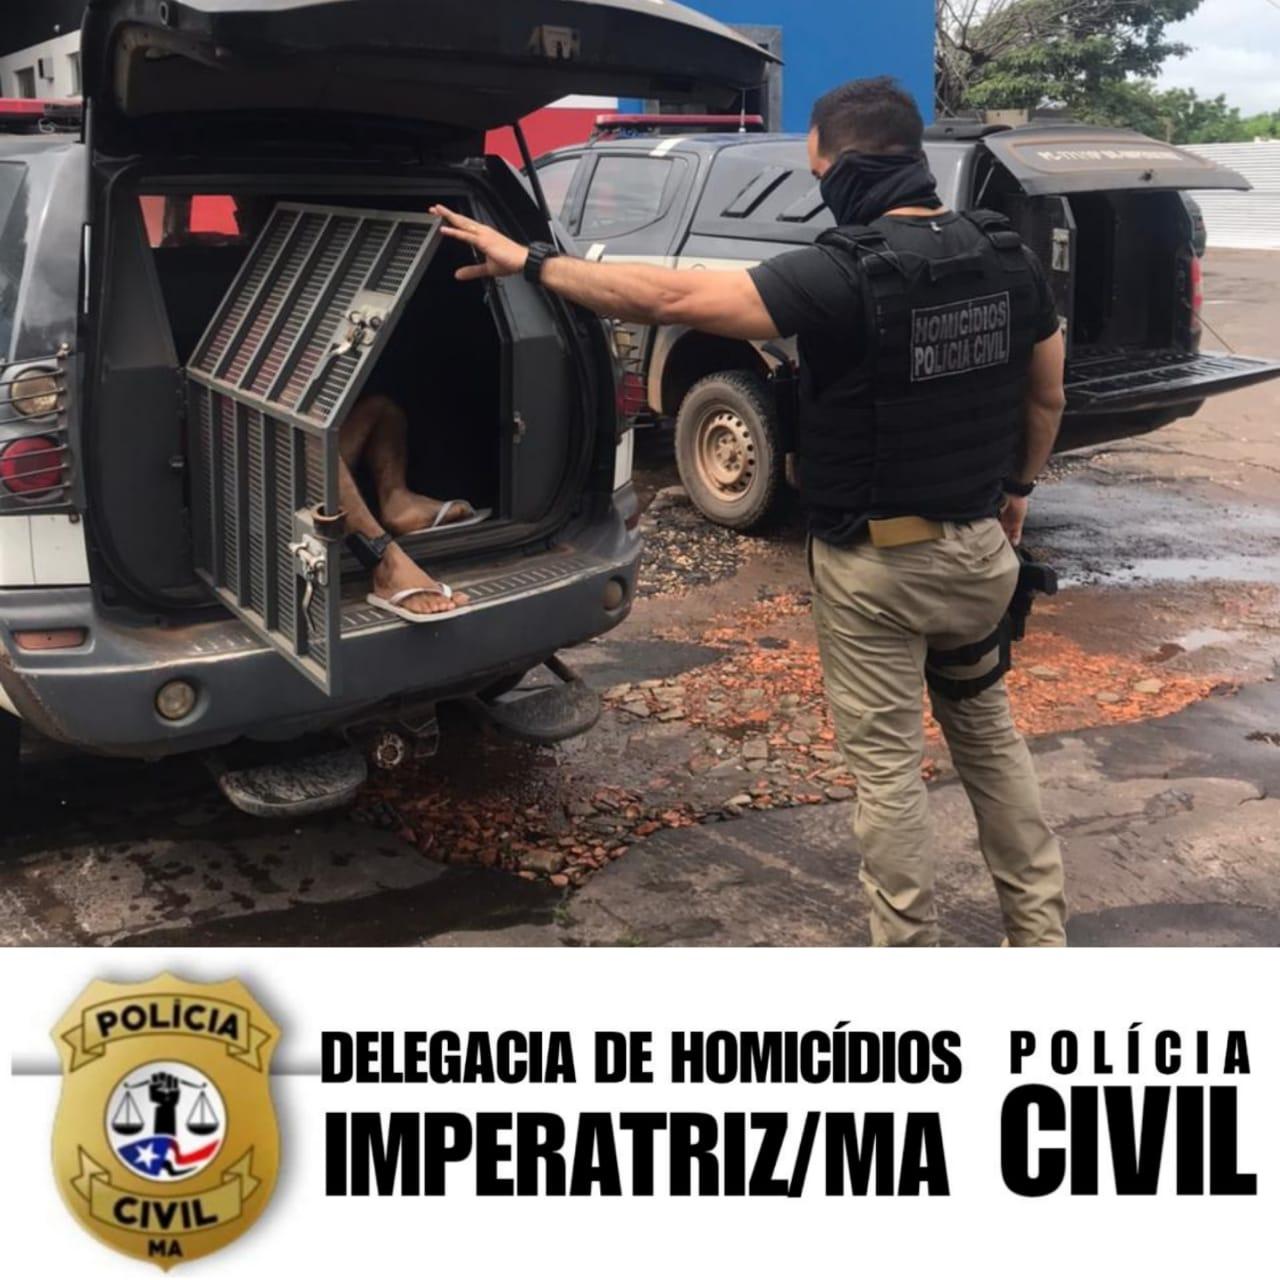 EM IMPERATRIZ, POLÍCIA CIVIL PRENDEU SUSPEITO DE DOIS HOMICÍDIOS